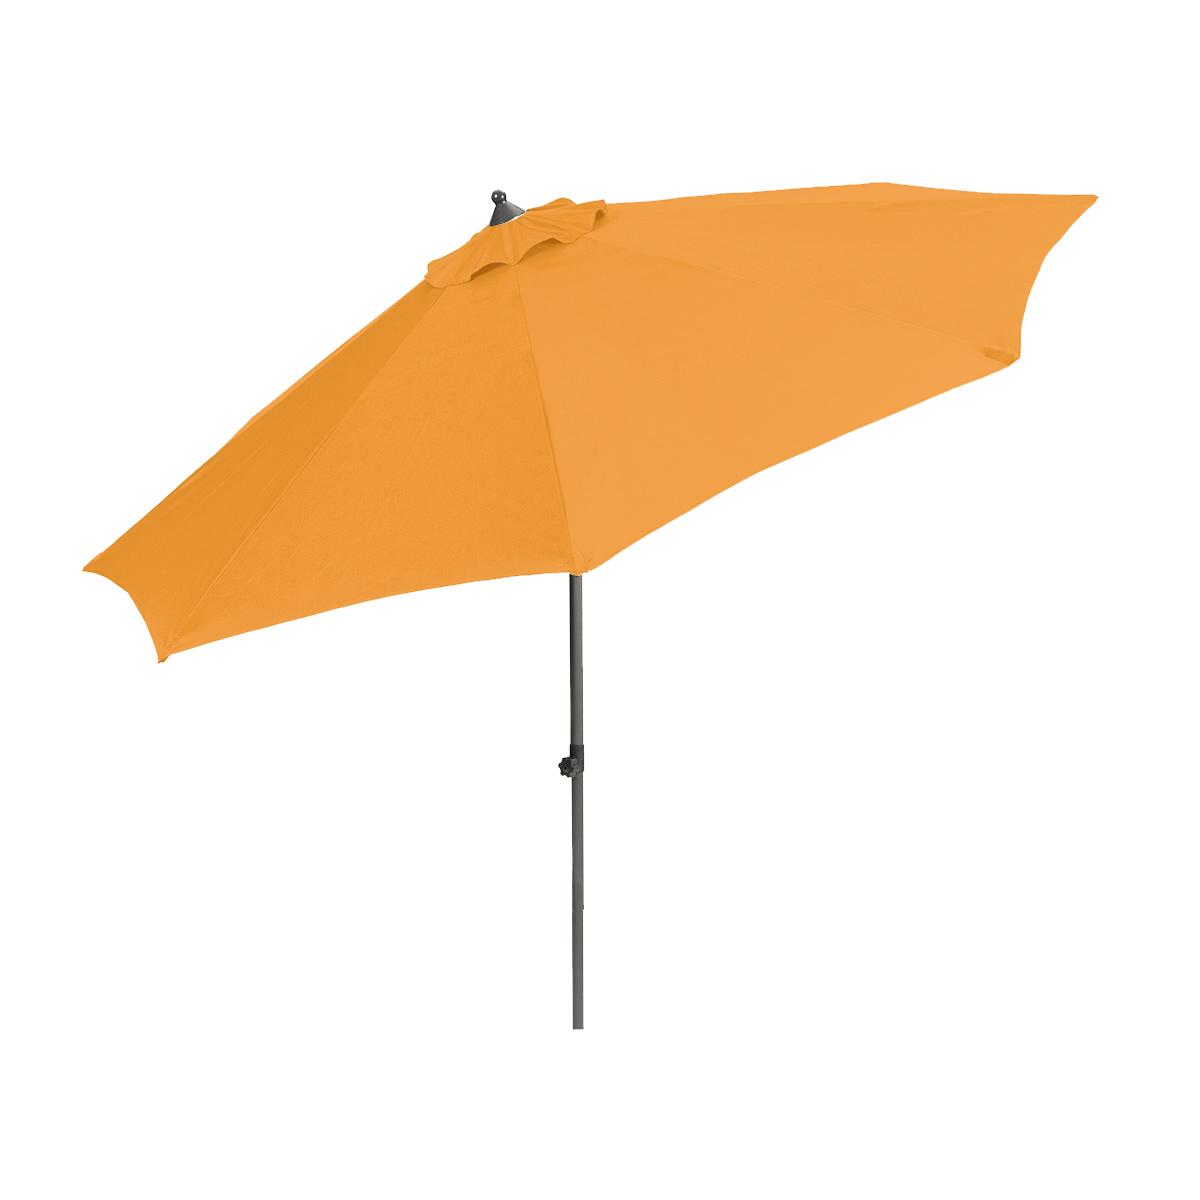 středový slunečník 2,7 m (oranžový) Garland Venice